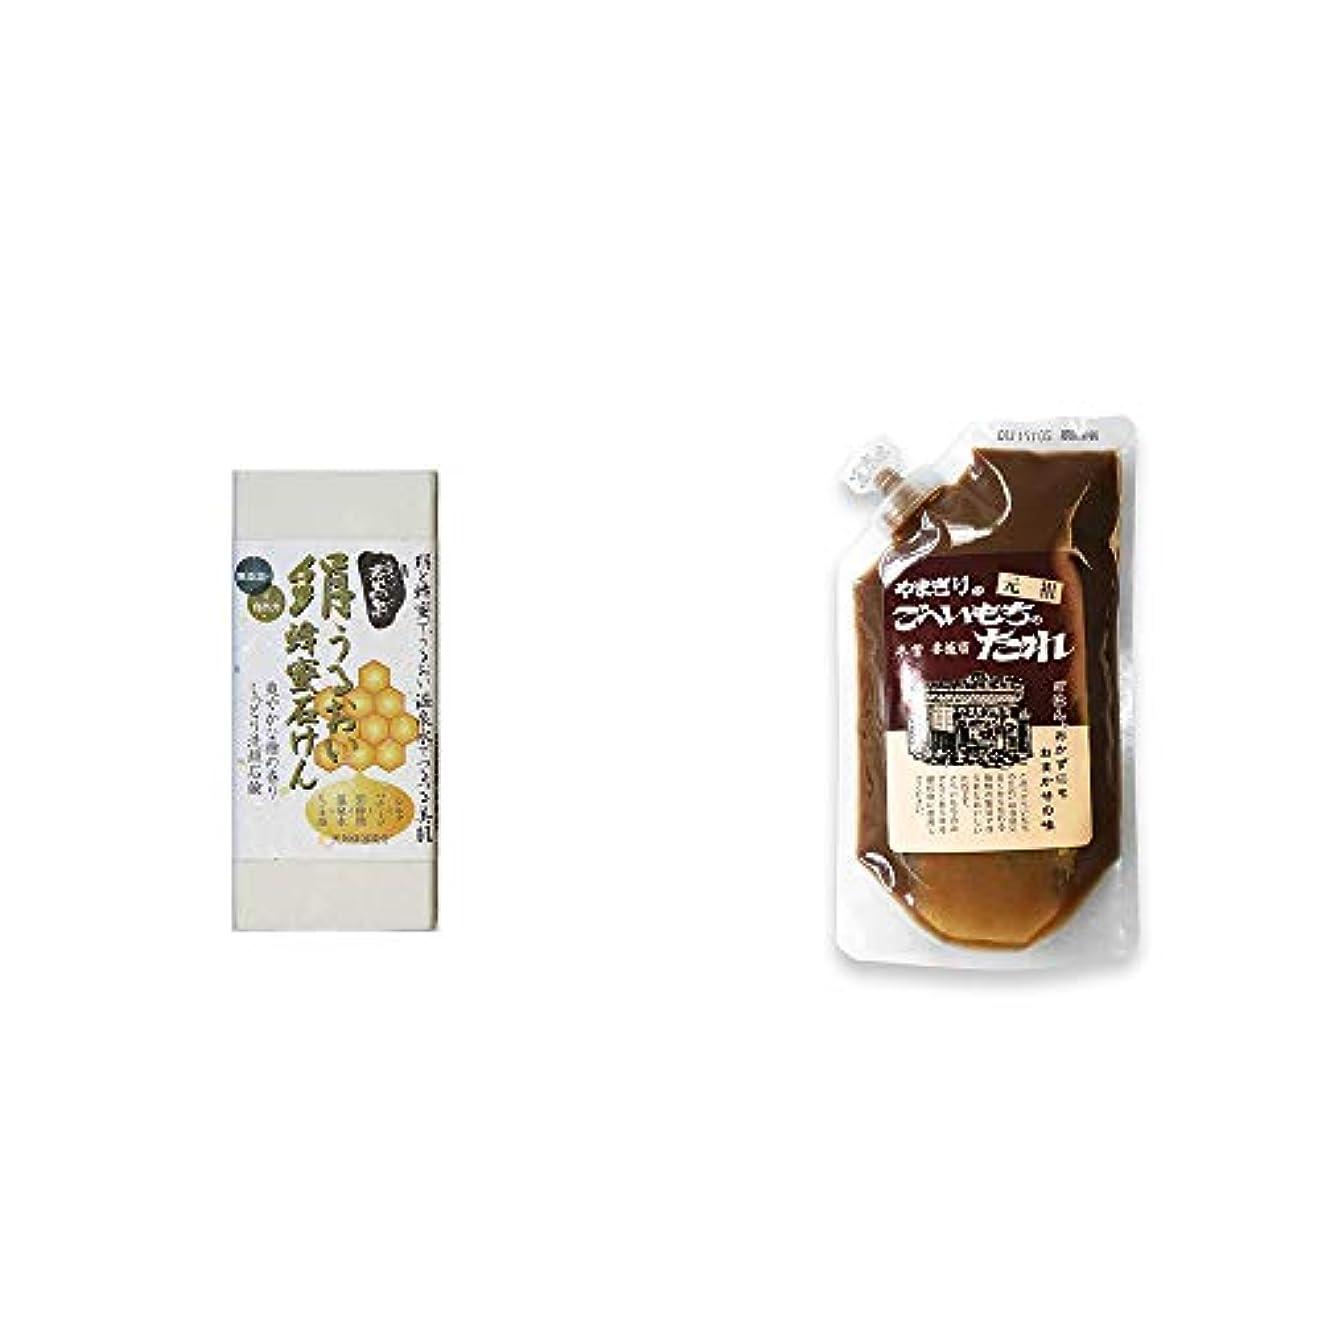 アデレード項目繰り返し[2点セット] ひのき炭黒泉 絹うるおい蜂蜜石けん(75g×2)?妻籠宿 やまぎり食堂 ごへい餅のたれ(250g)